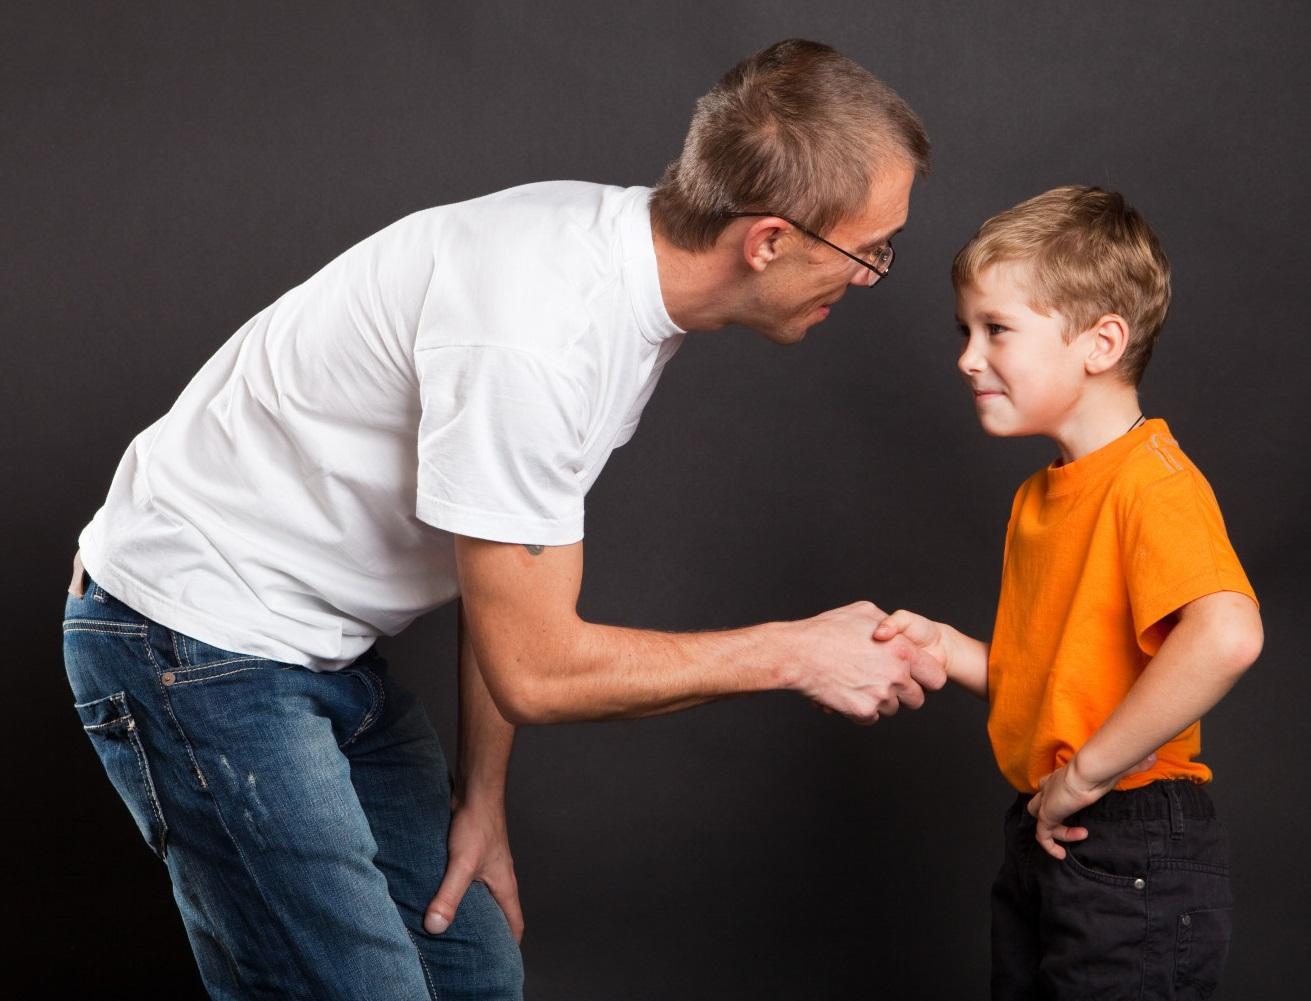 папа жмет руку ребенку